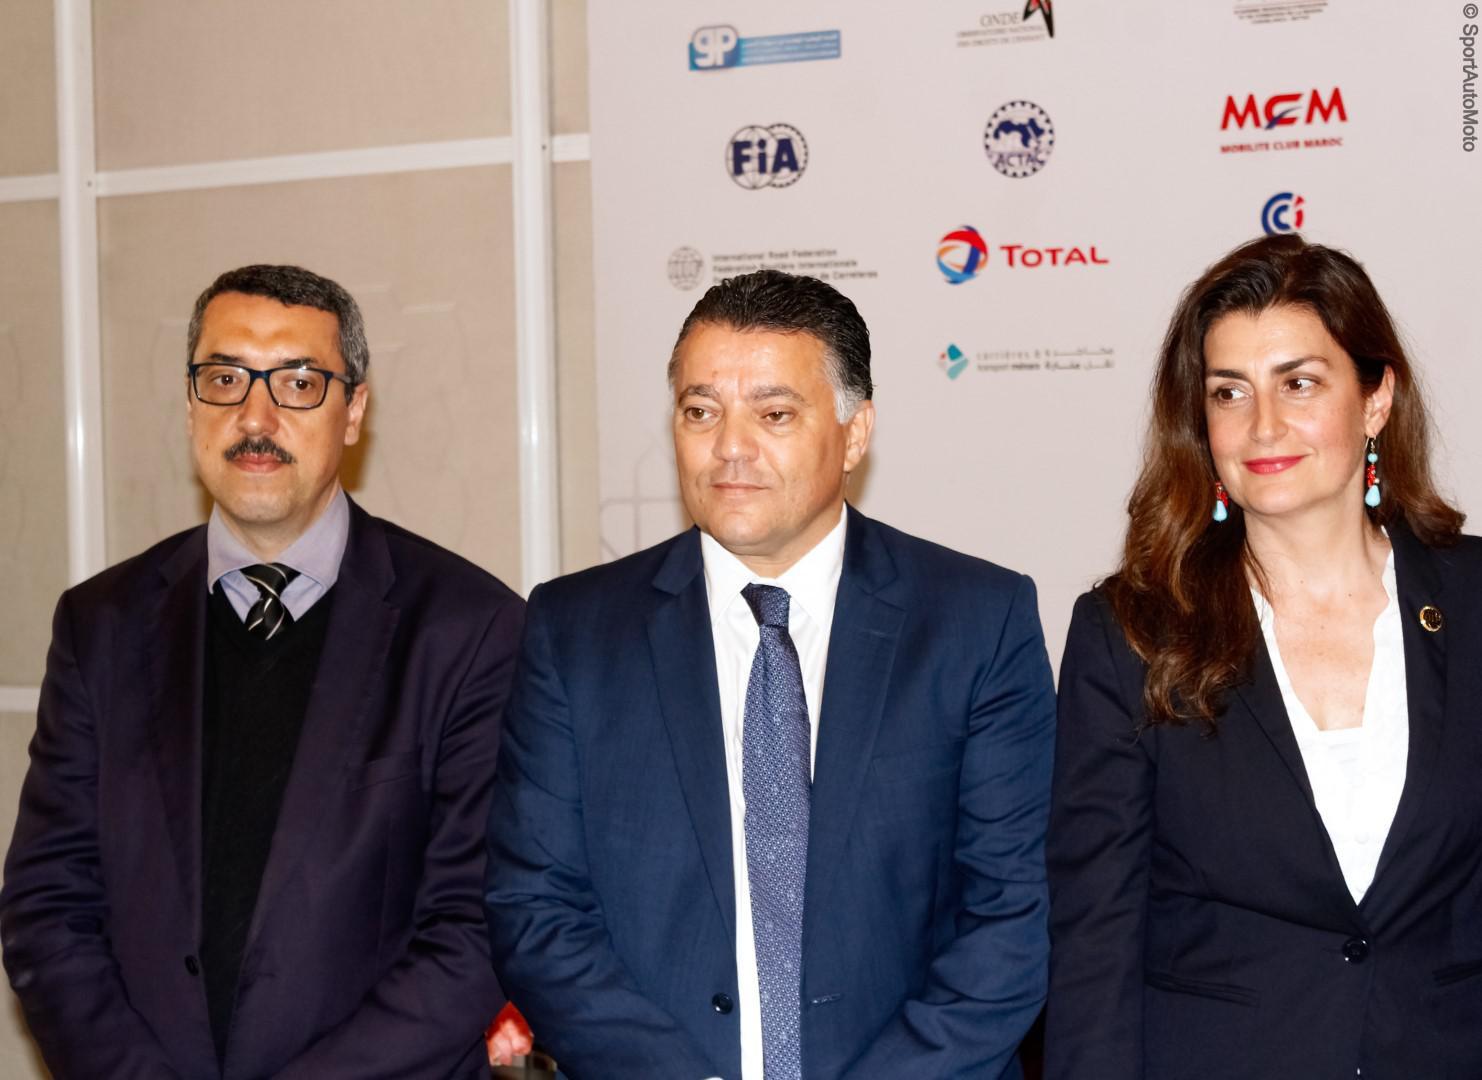 mobilite-club-maroc-mcm-devoile-son-programme-et-ses-partenariats-786-10.jpg